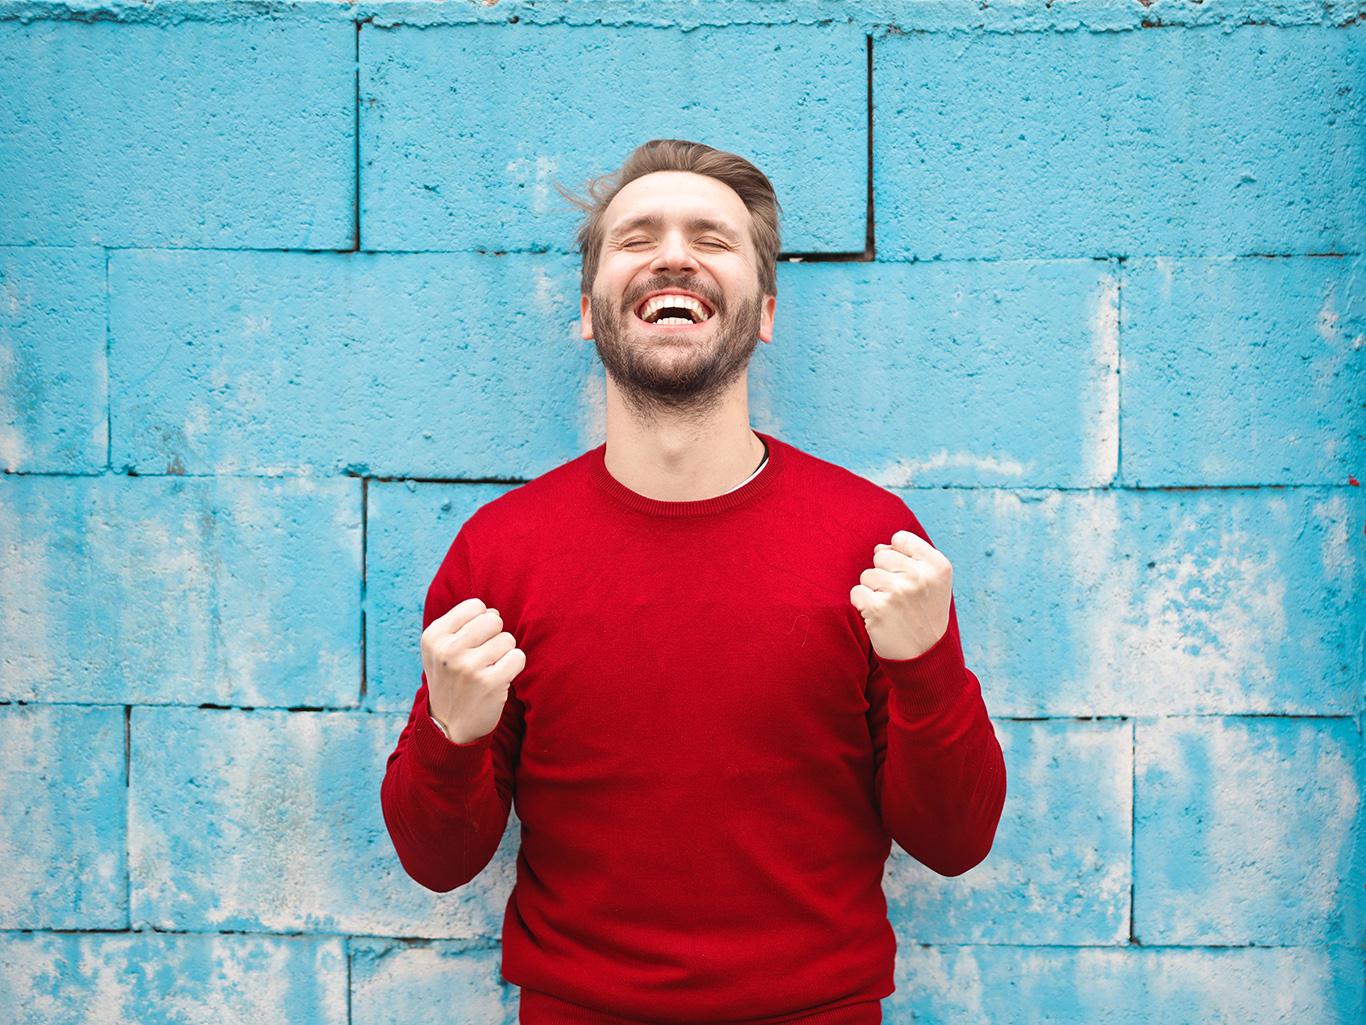 Самомотивация: 8 действенных инструментов, чтобы добиться цели